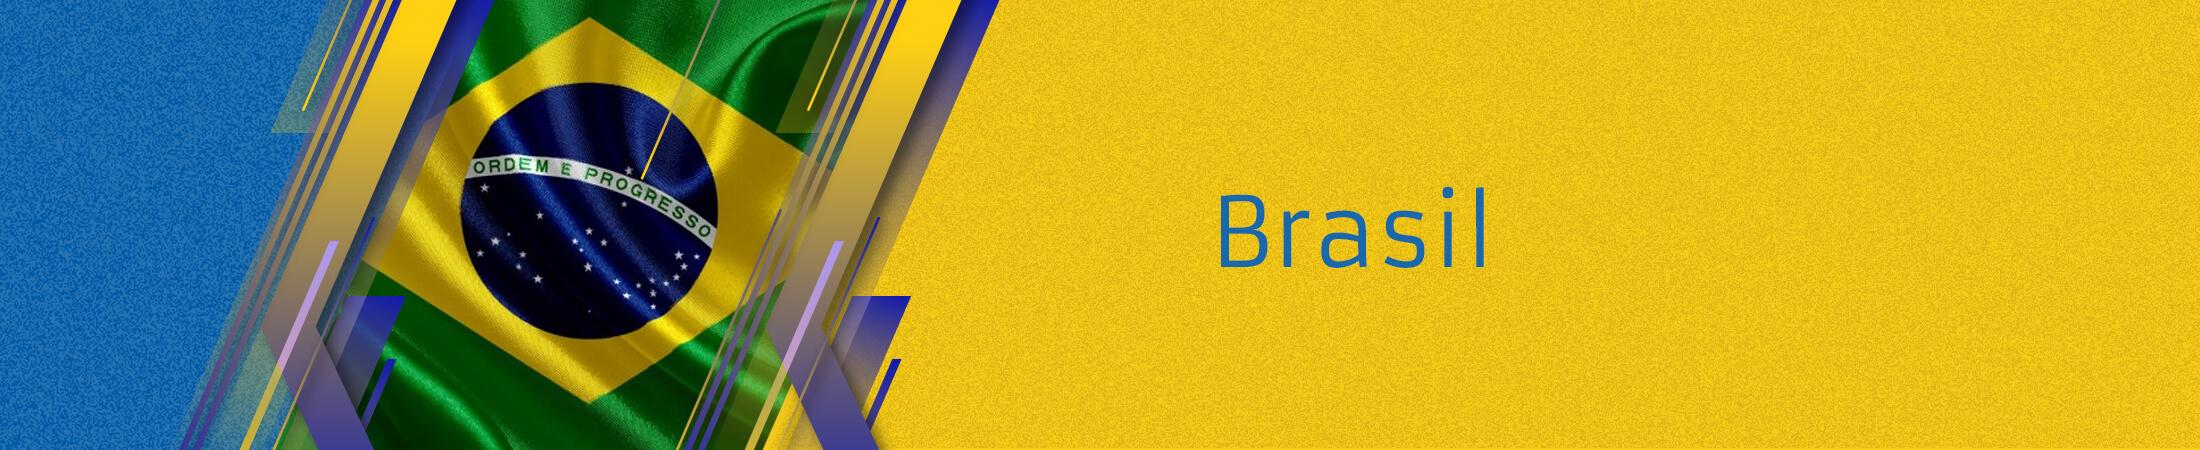 Subcategoria - Bandeiras Brasil